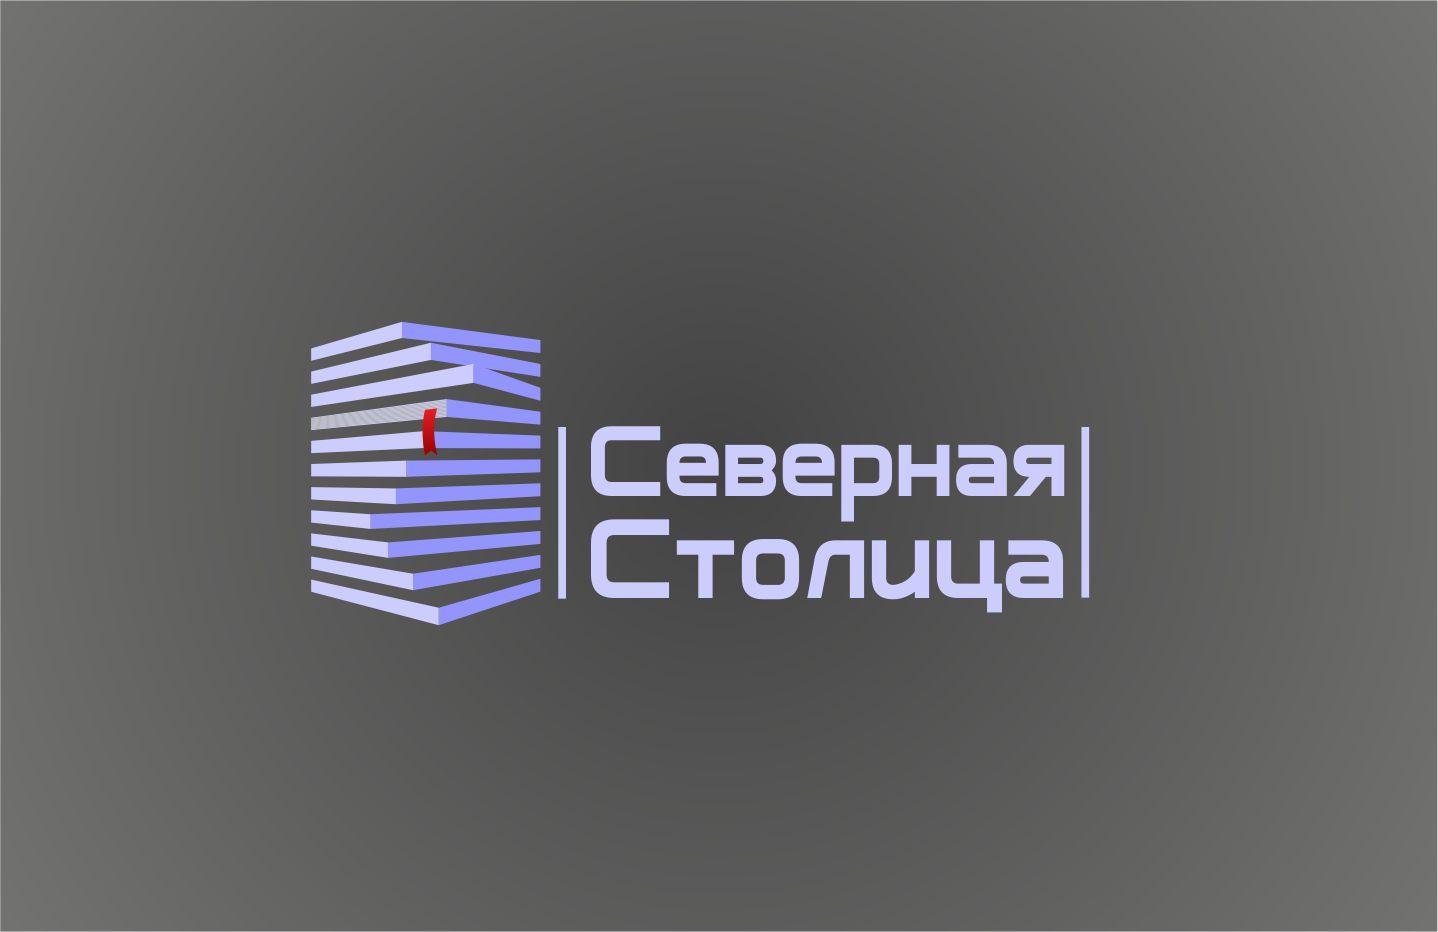 Логотип для компании Северная Столица - дизайнер DaryaVladi